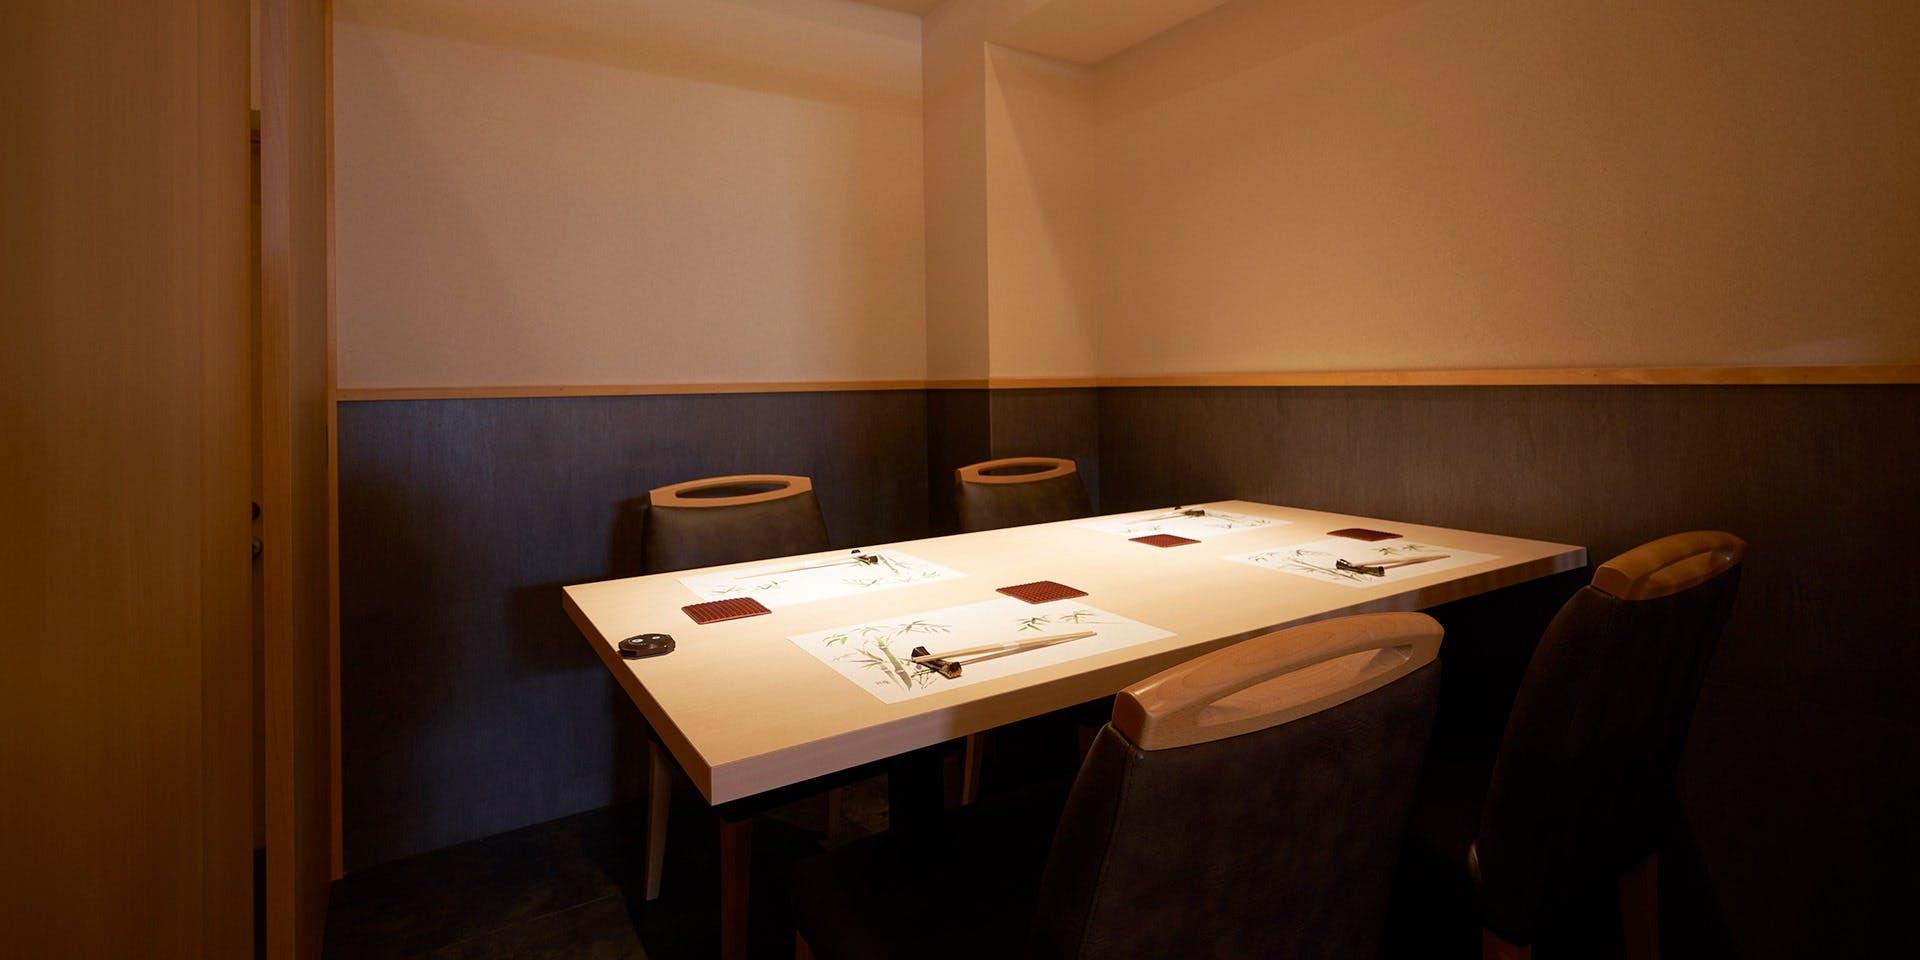 記念日におすすめのレストラン・吉祥寺 鮨 栞庵 やましろの写真2